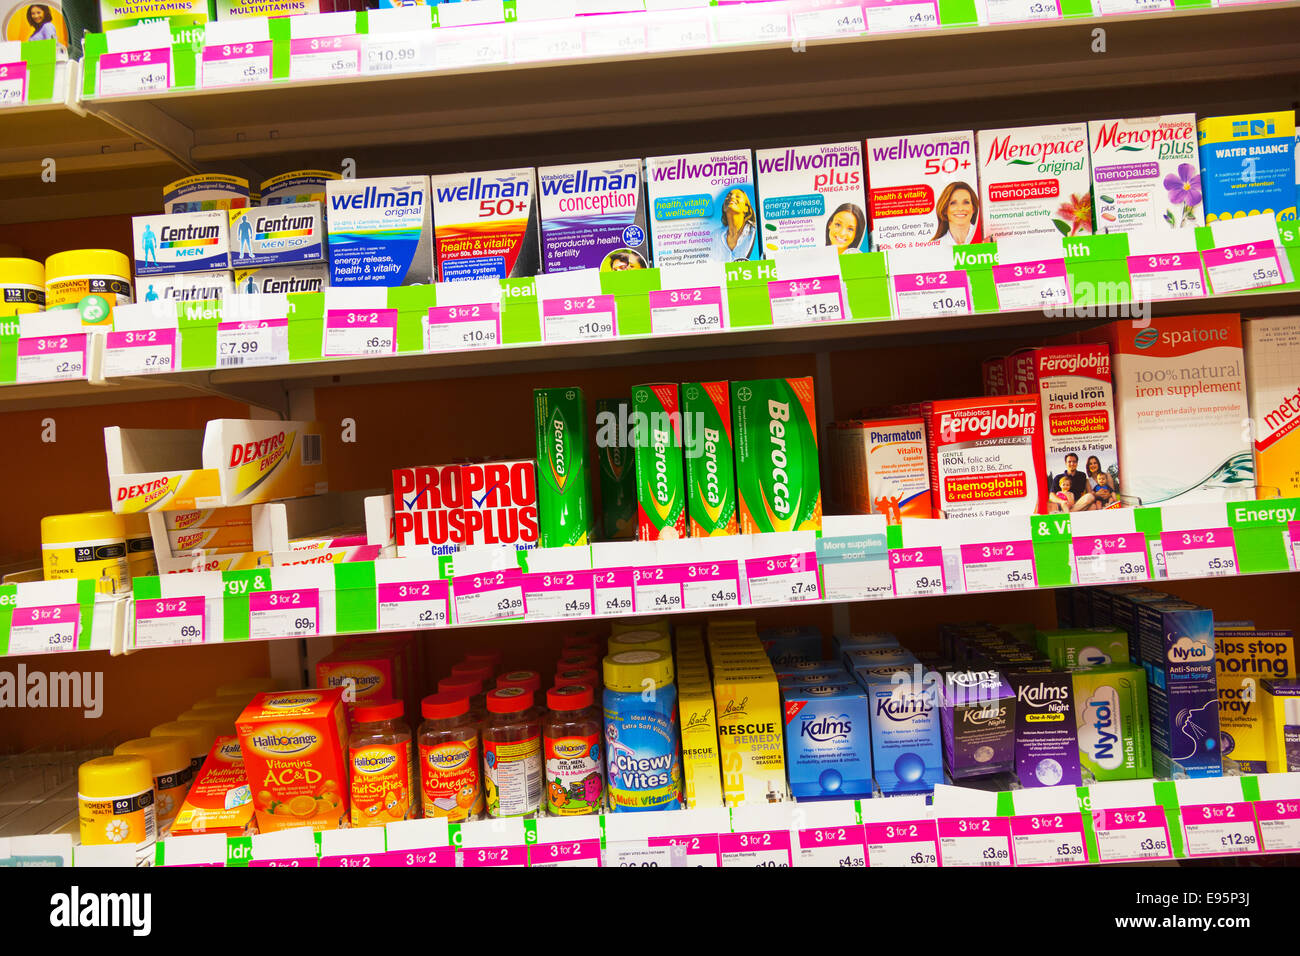 Wellman berocca vitamines santé vitalité produit produits sur étagère de magasin à l'intérieur Photo Stock